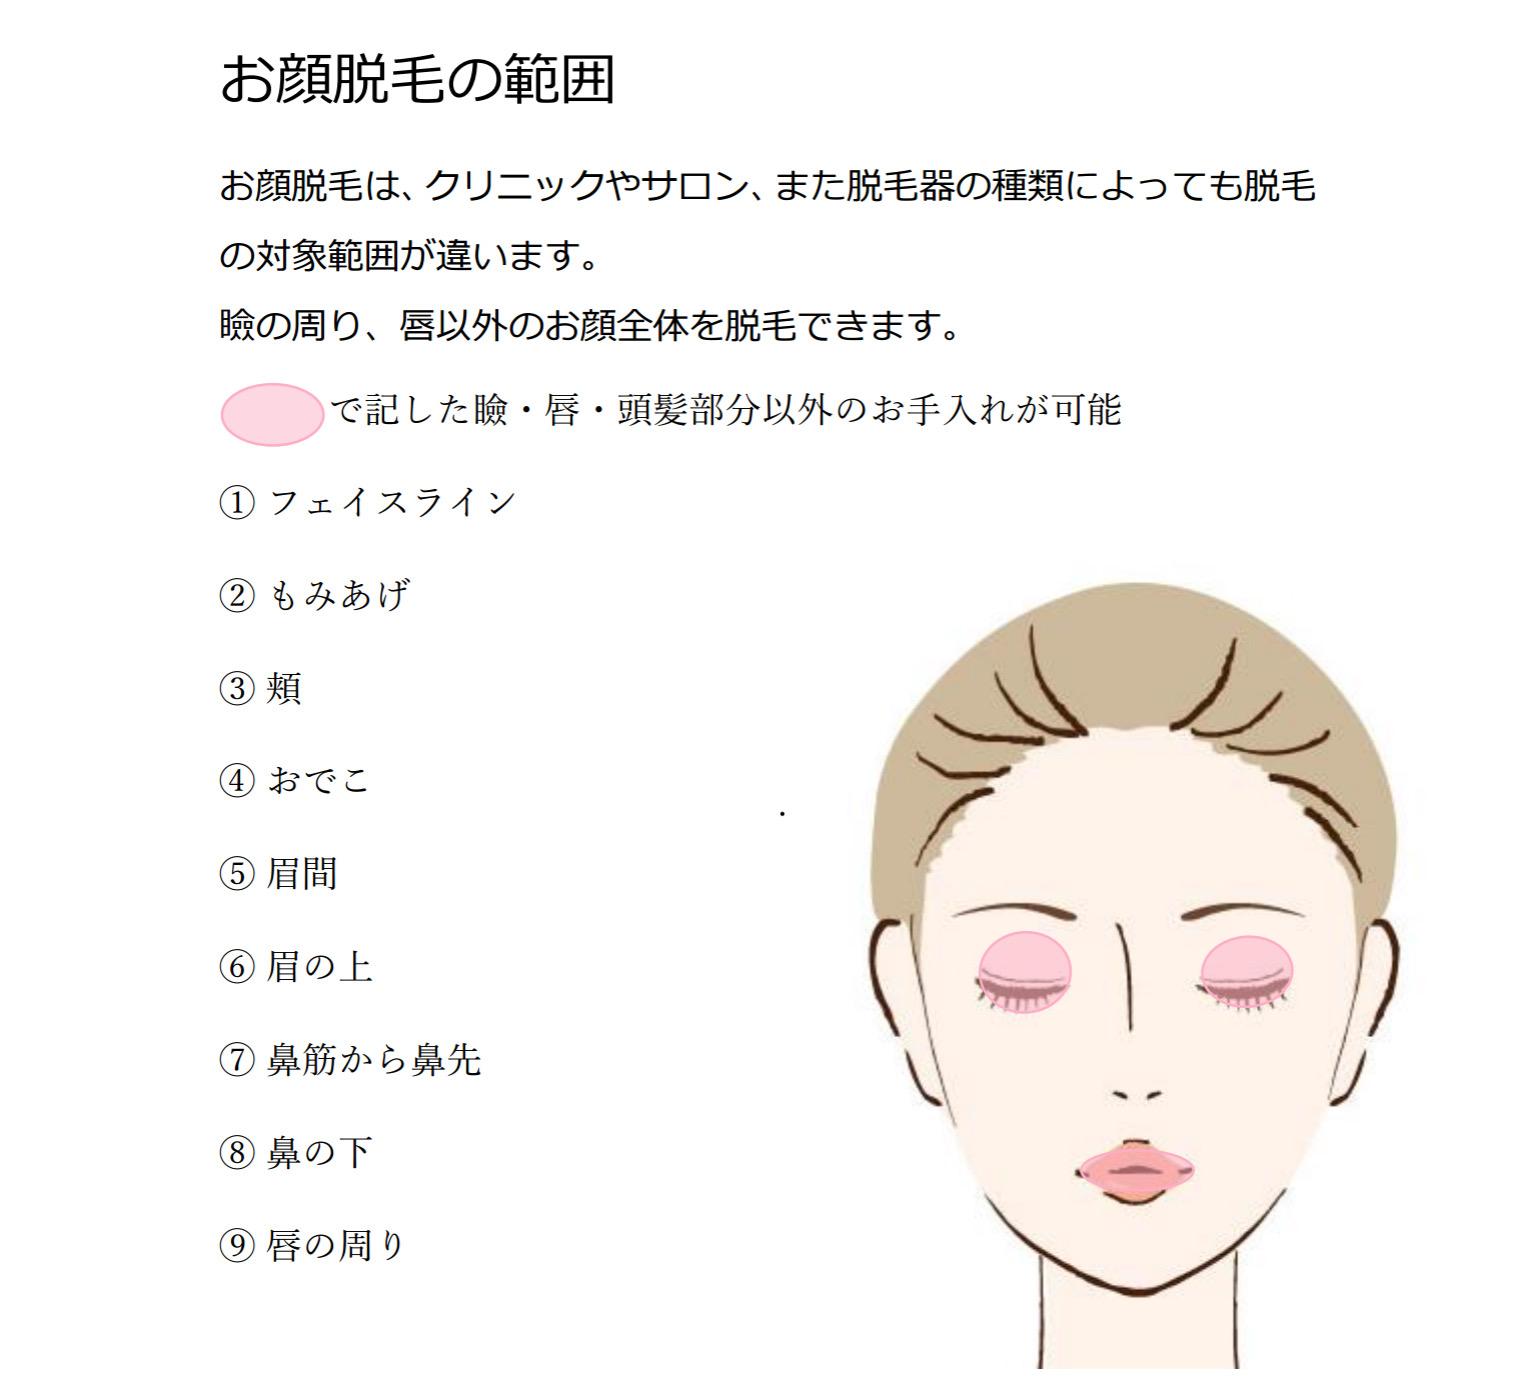 成城脱毛サロンで顔脱毛毛穴の悩み改善